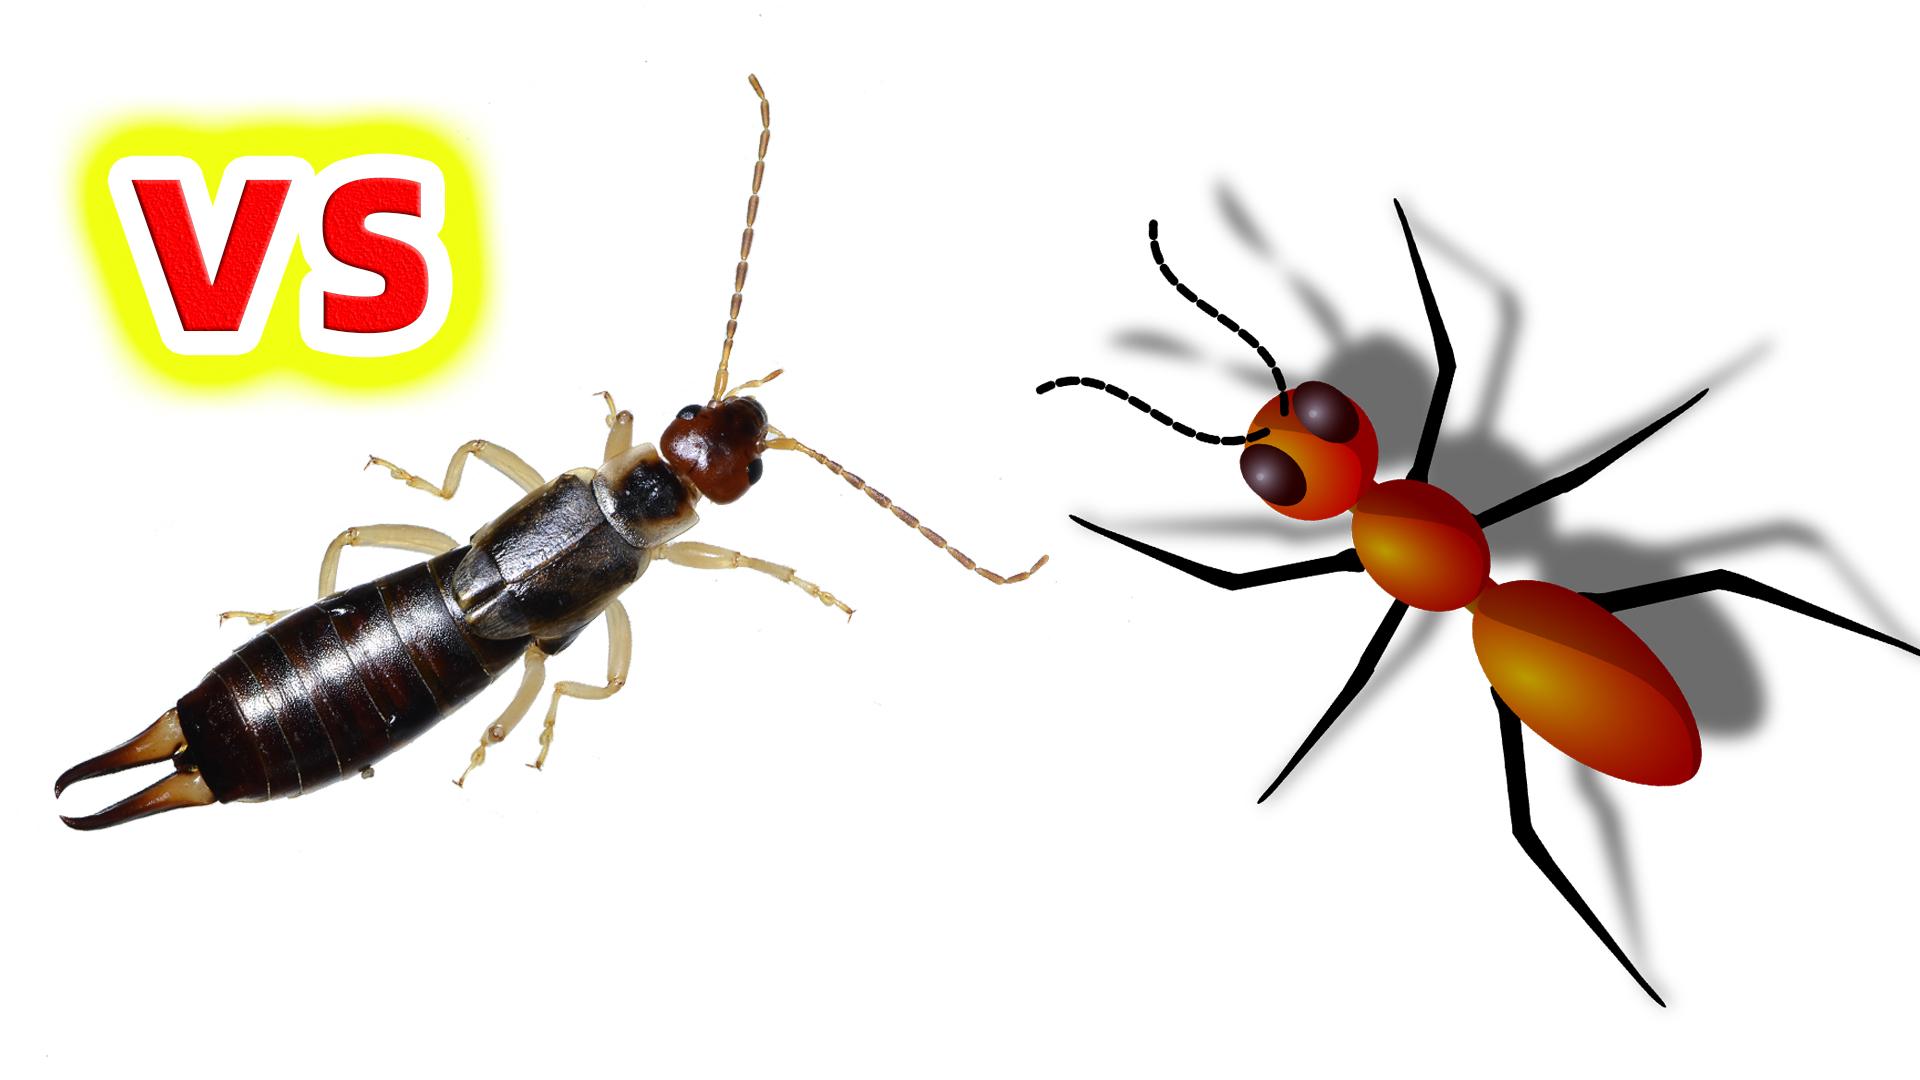 夹夹虫VS蚂蚁,结局会怎样?